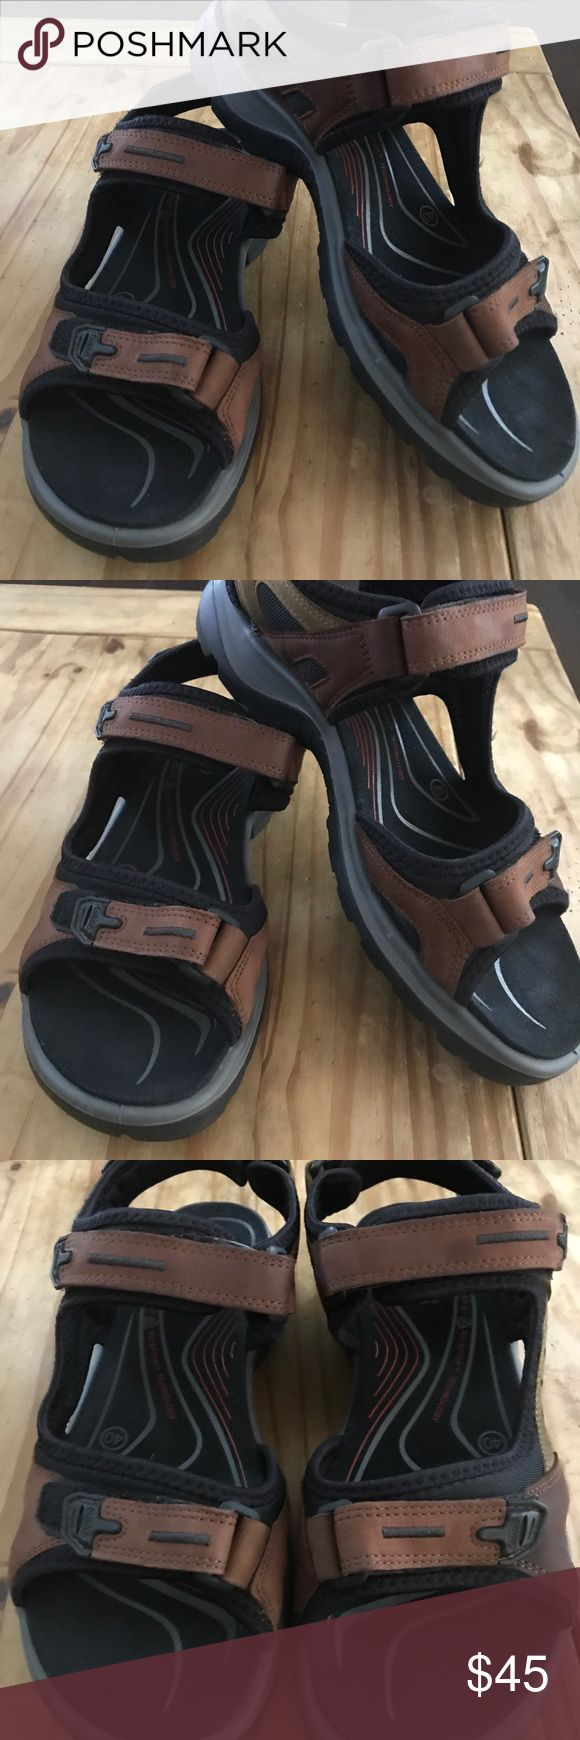 Ecco Sandals Size 40 Excellent! Ecco Shoes Sandals